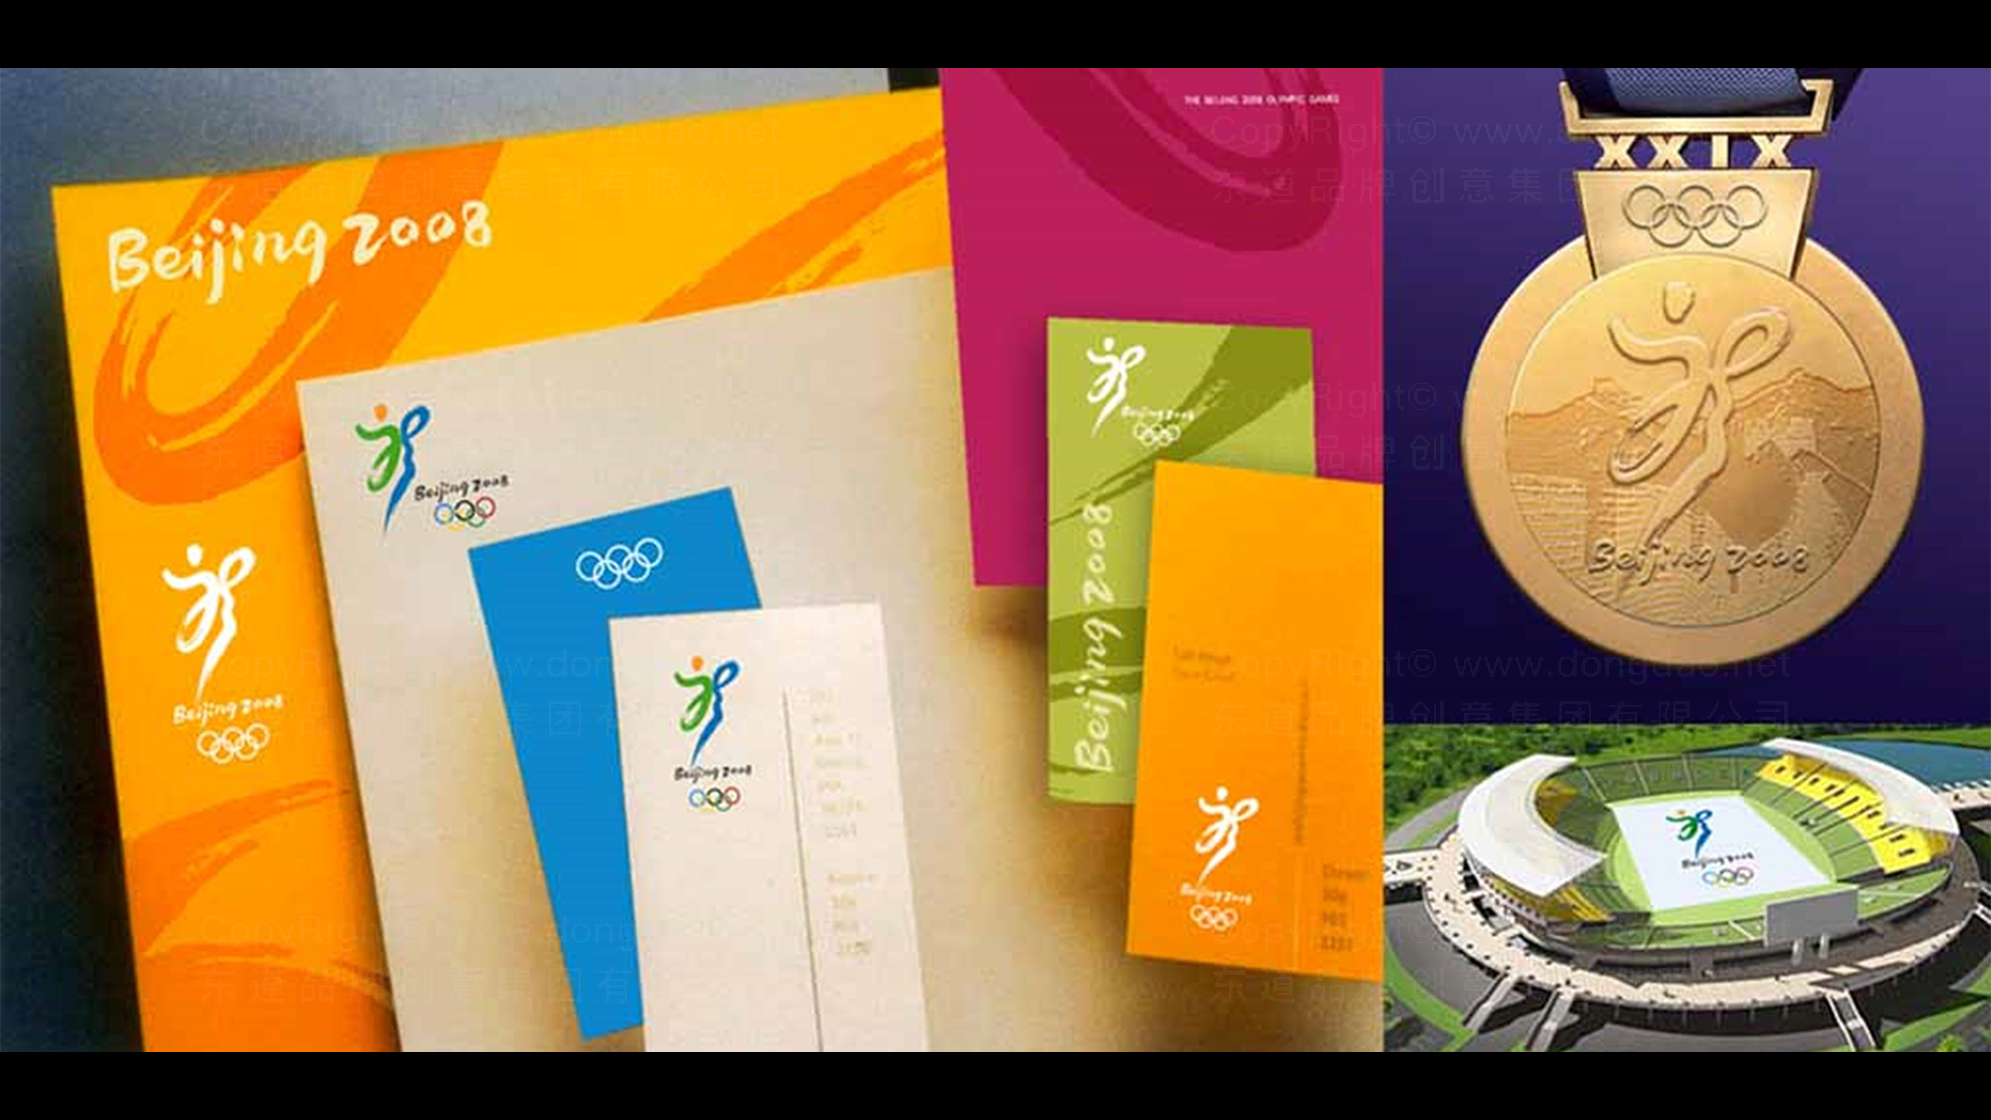 品牌设计北京2008奥运会会徽LOGO设计应用场景_2